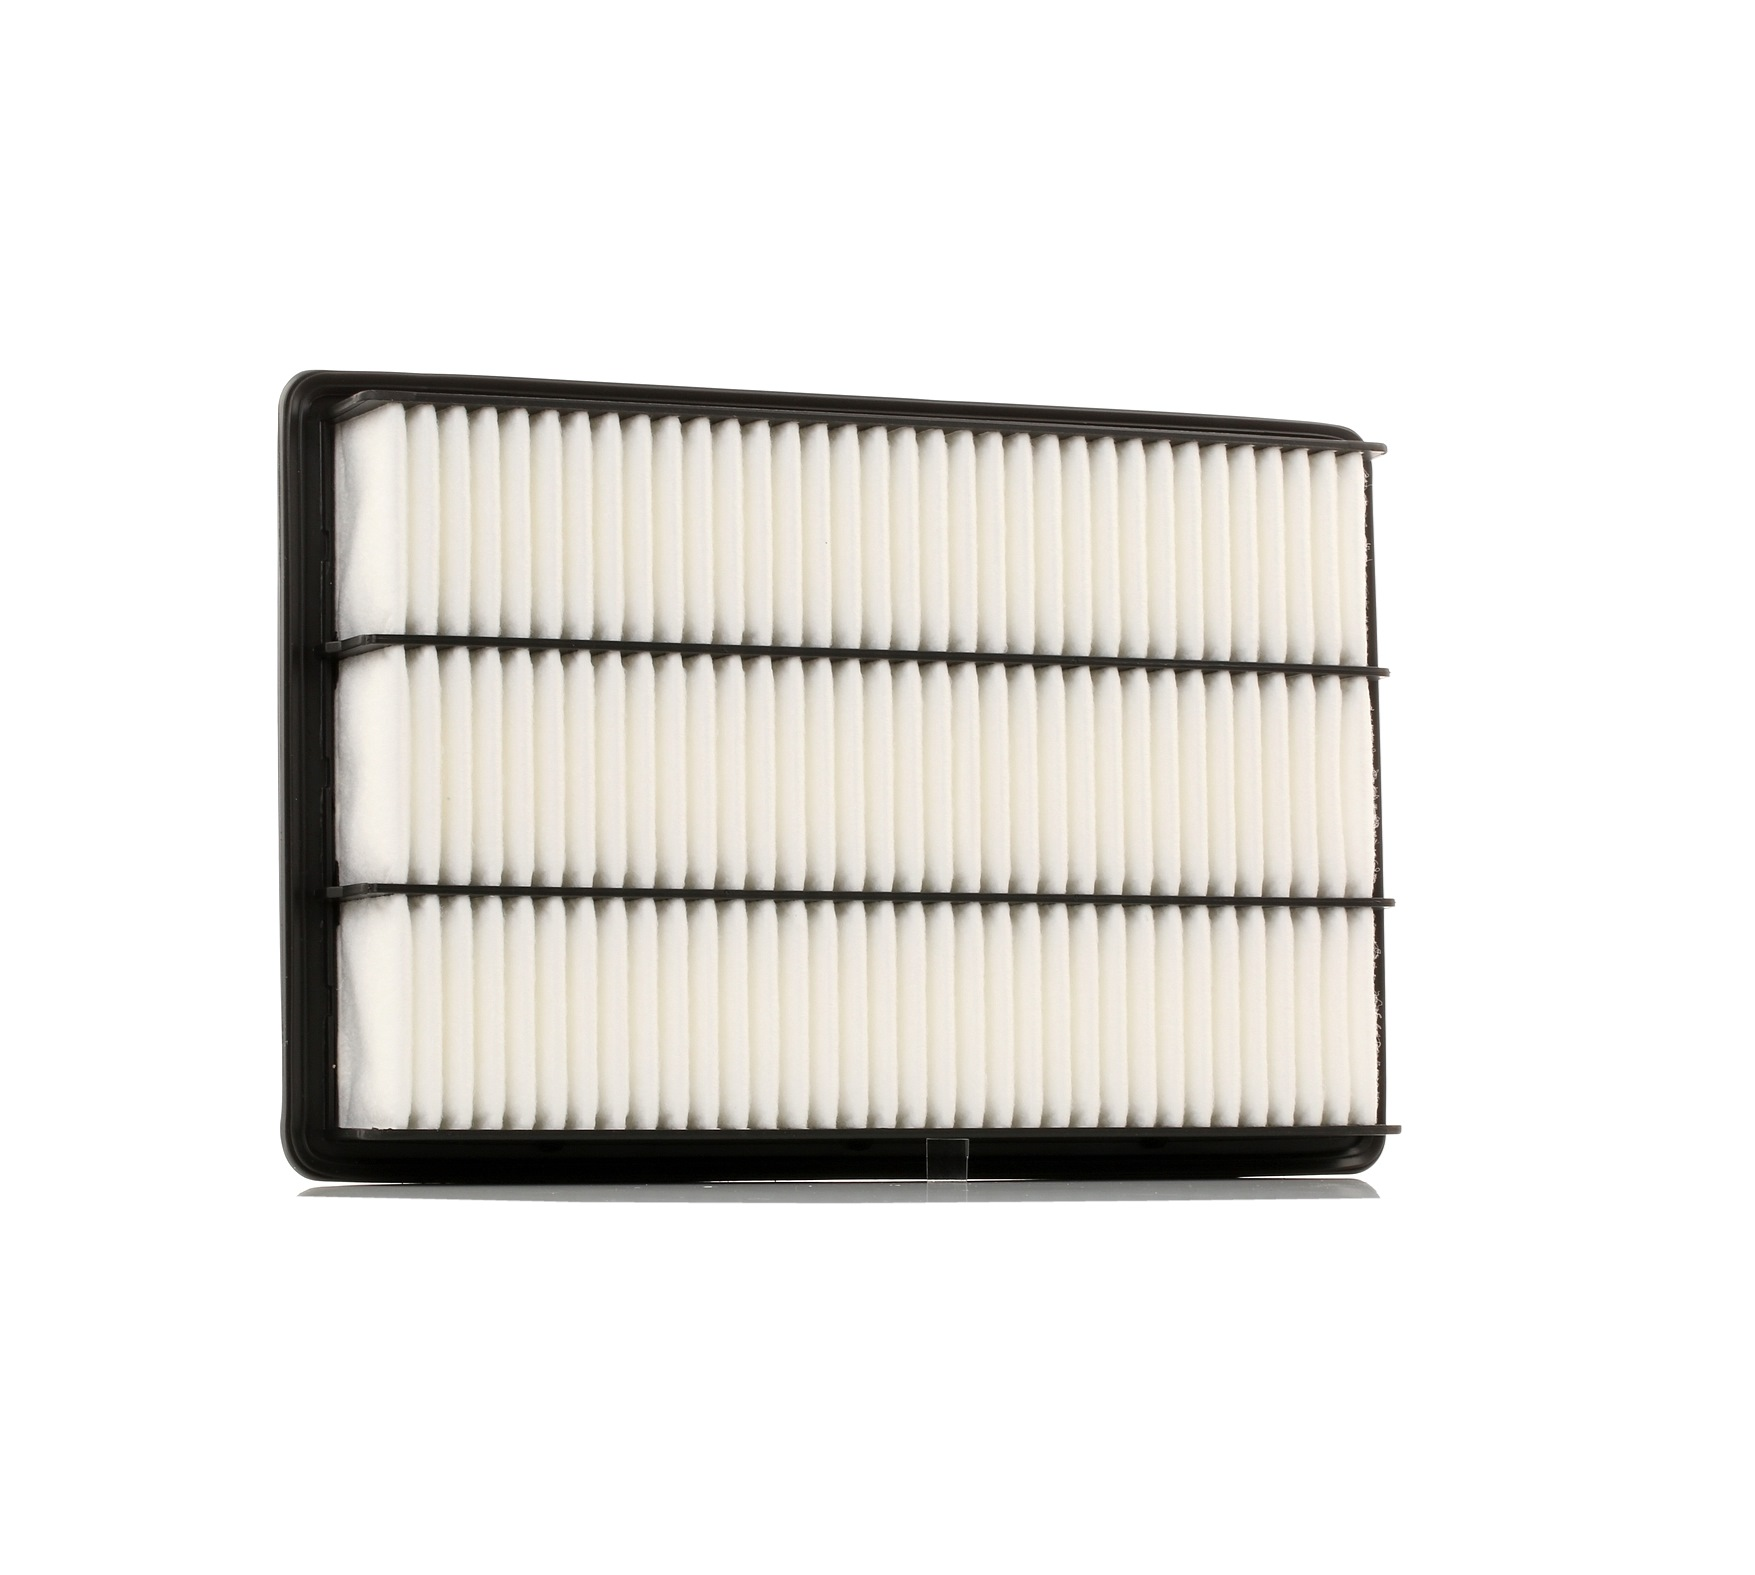 Filtro de aire MAHLE ORIGINAL LX 2885 evaluación